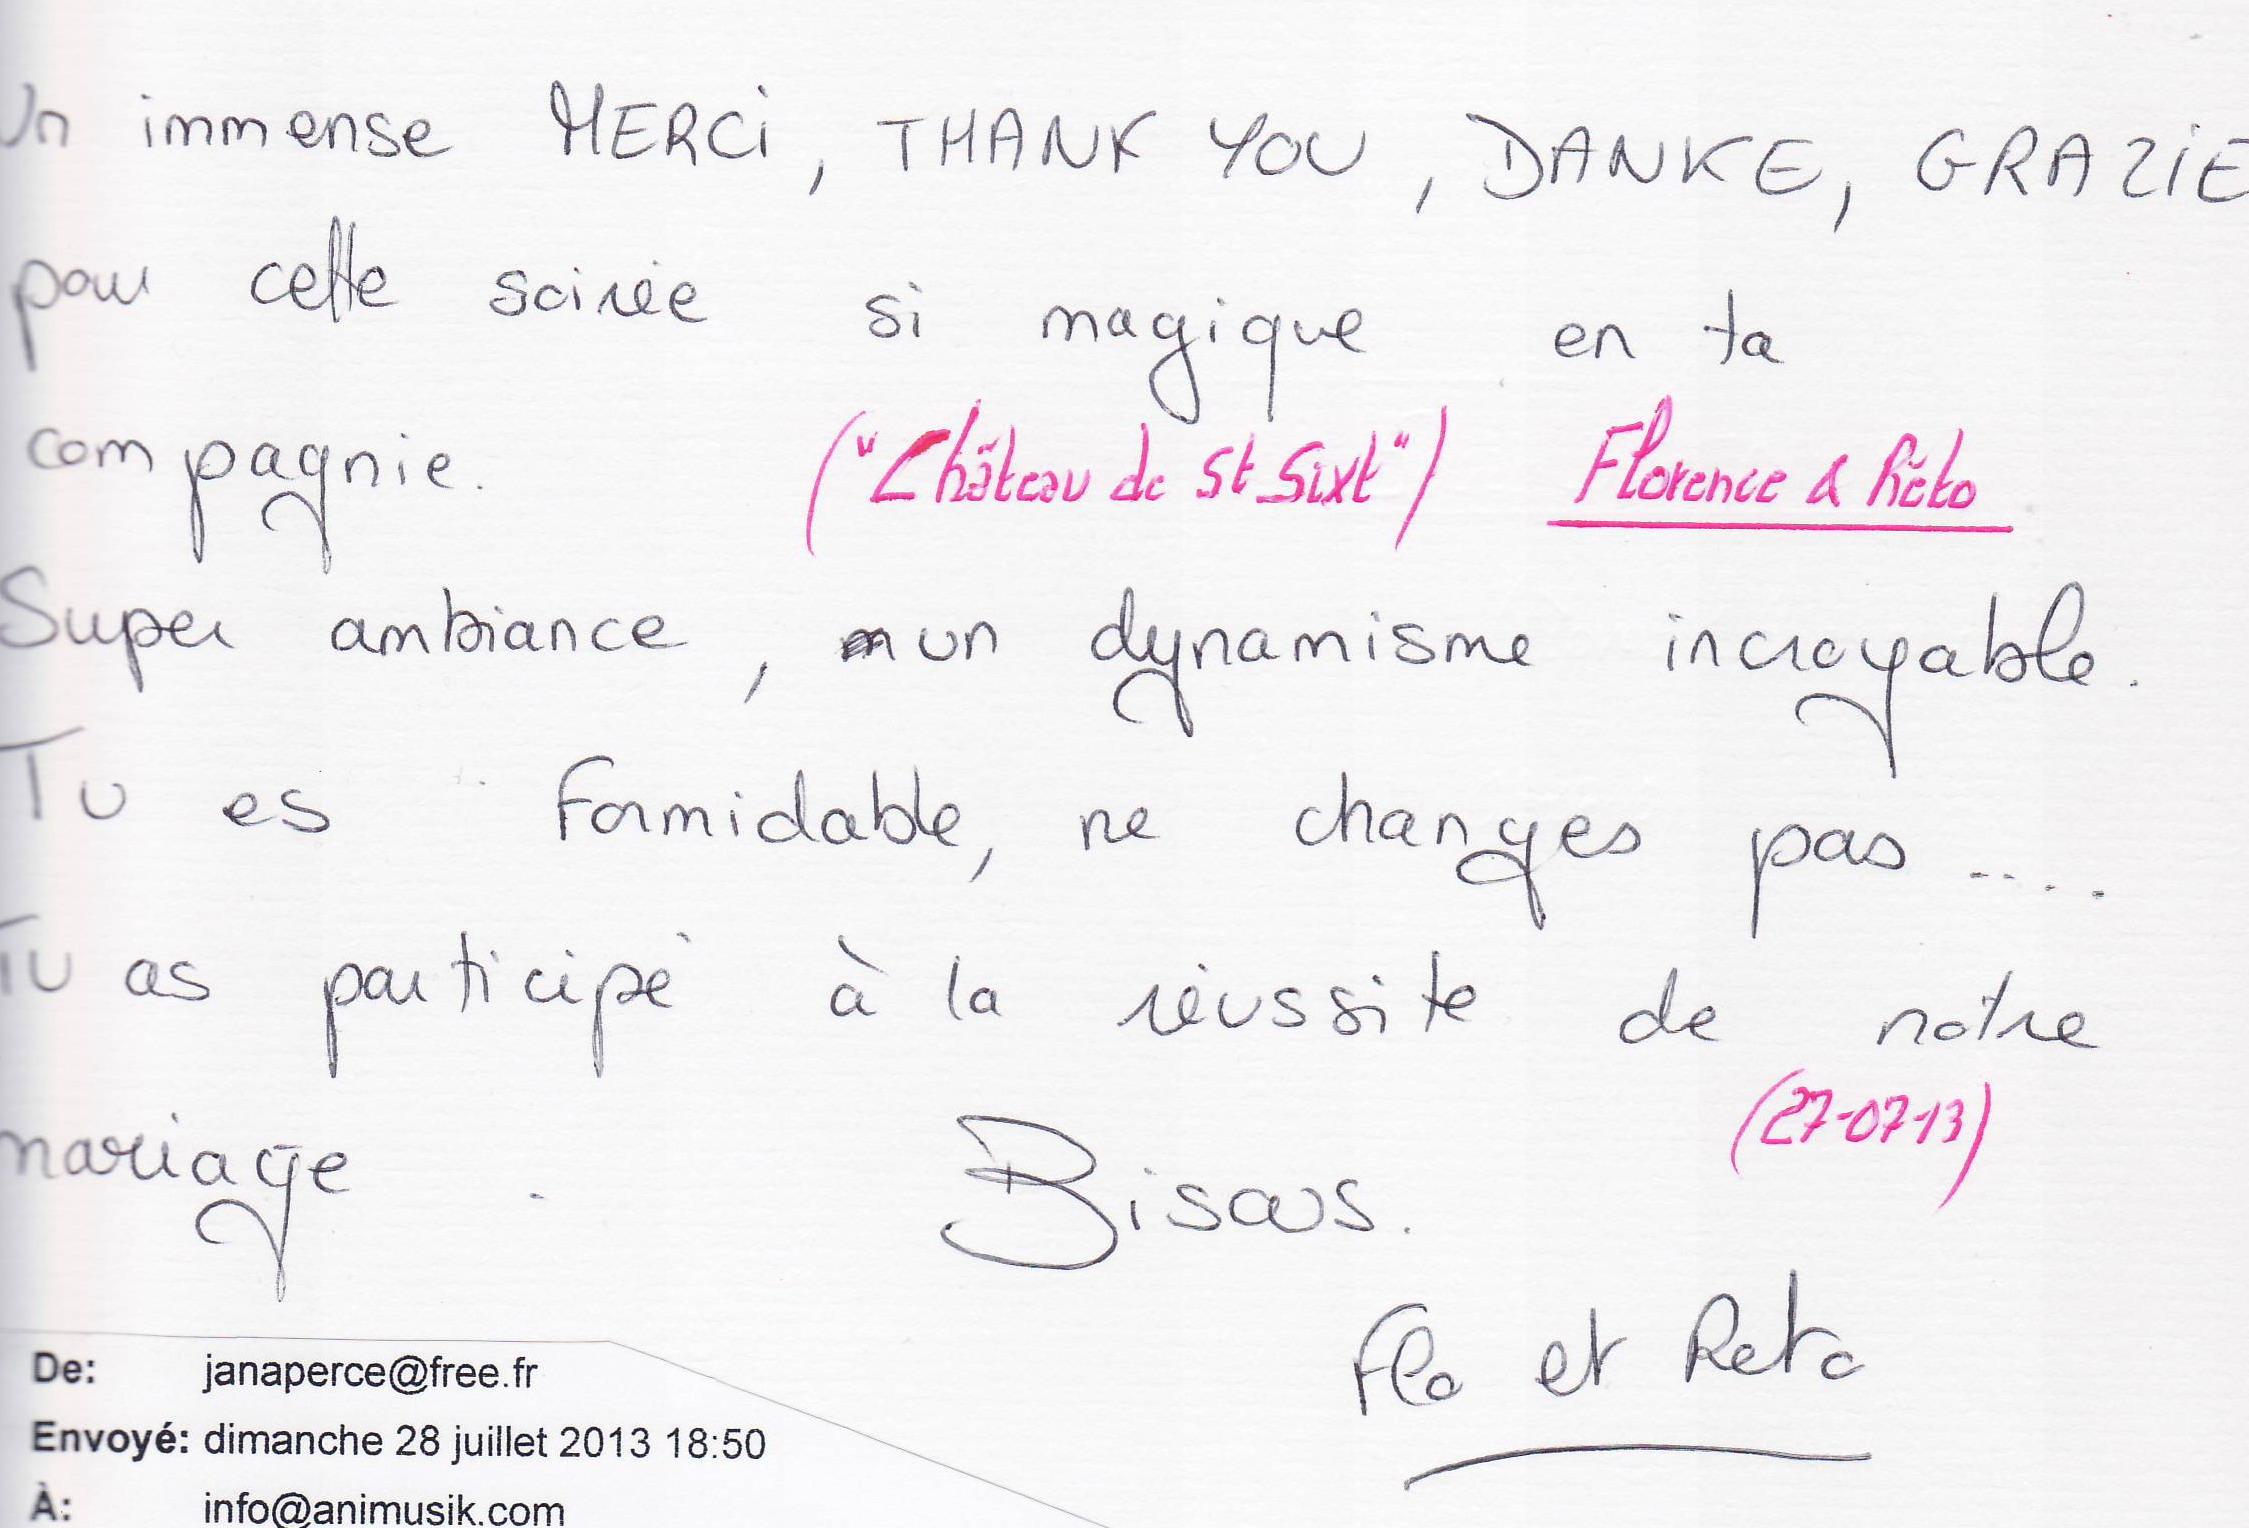 Mariage_HAUSERMANN_Réto_&_Florence_(Château_de_Saint-Sixt)_(27-07-2013)